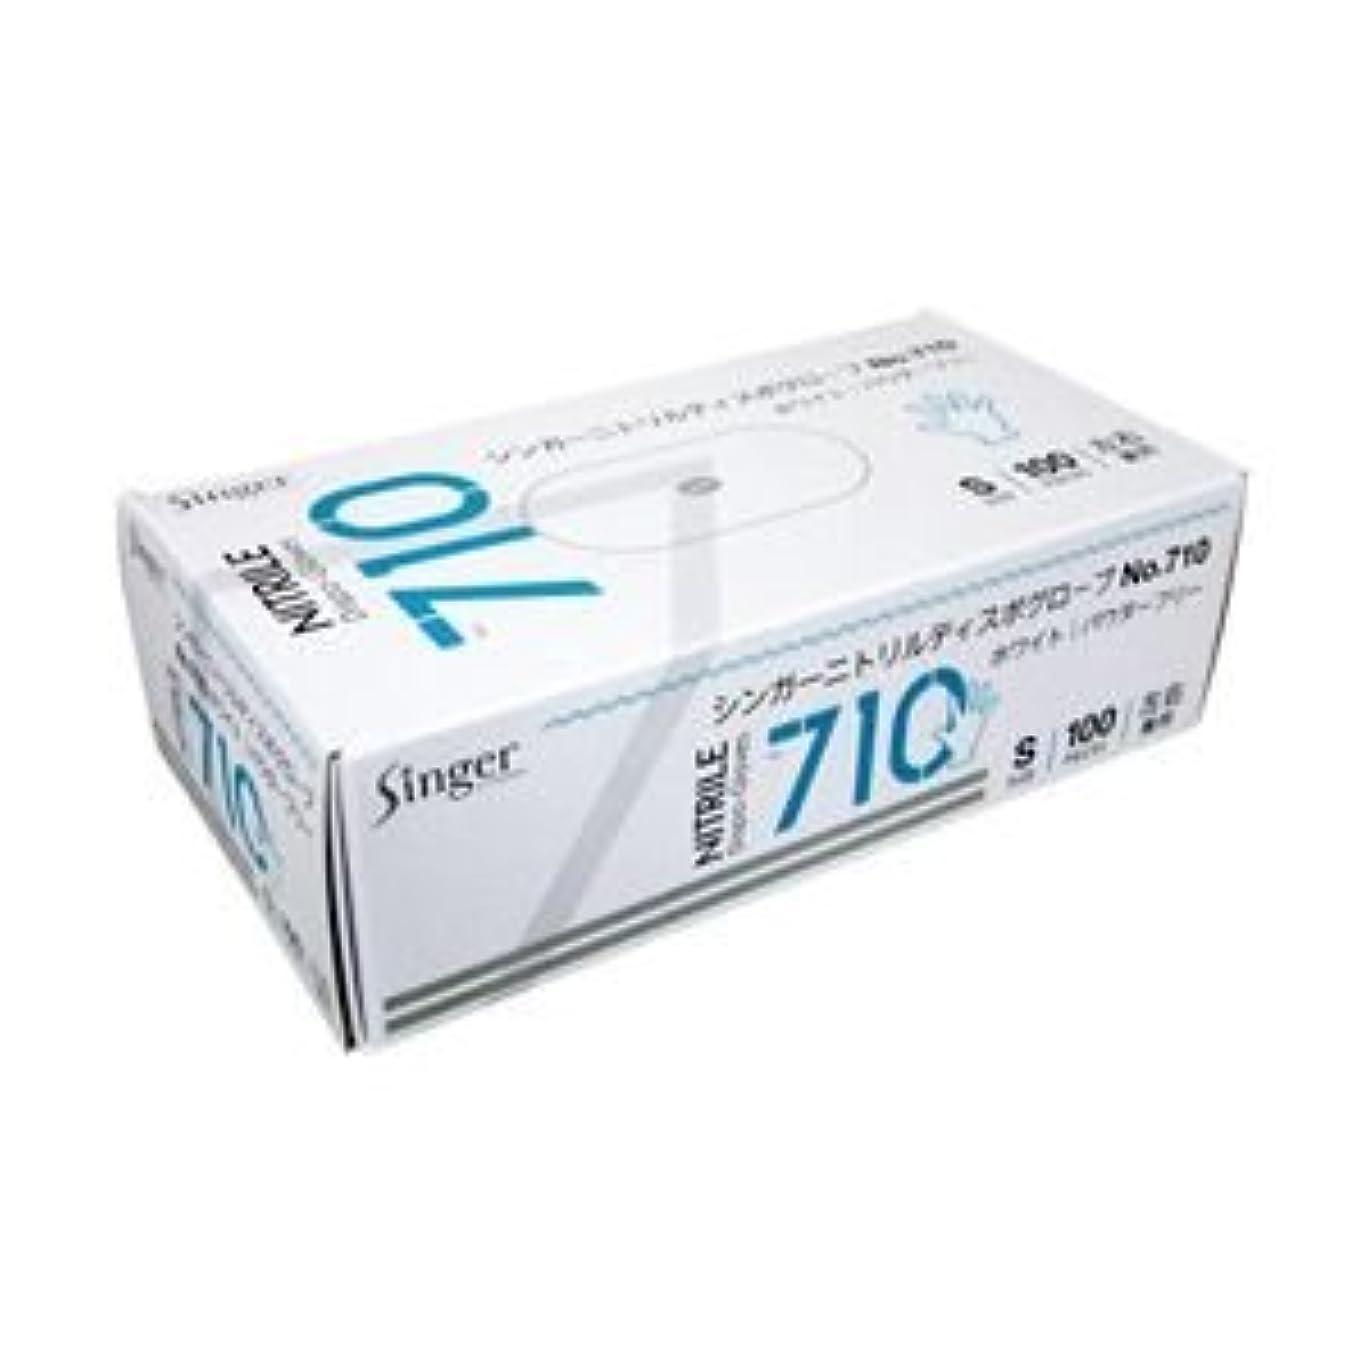 そんなに苦四分円(業務用セット) 宇都宮製作 ニトリル手袋710 粉なし S 1箱(100枚) 【×5セット】